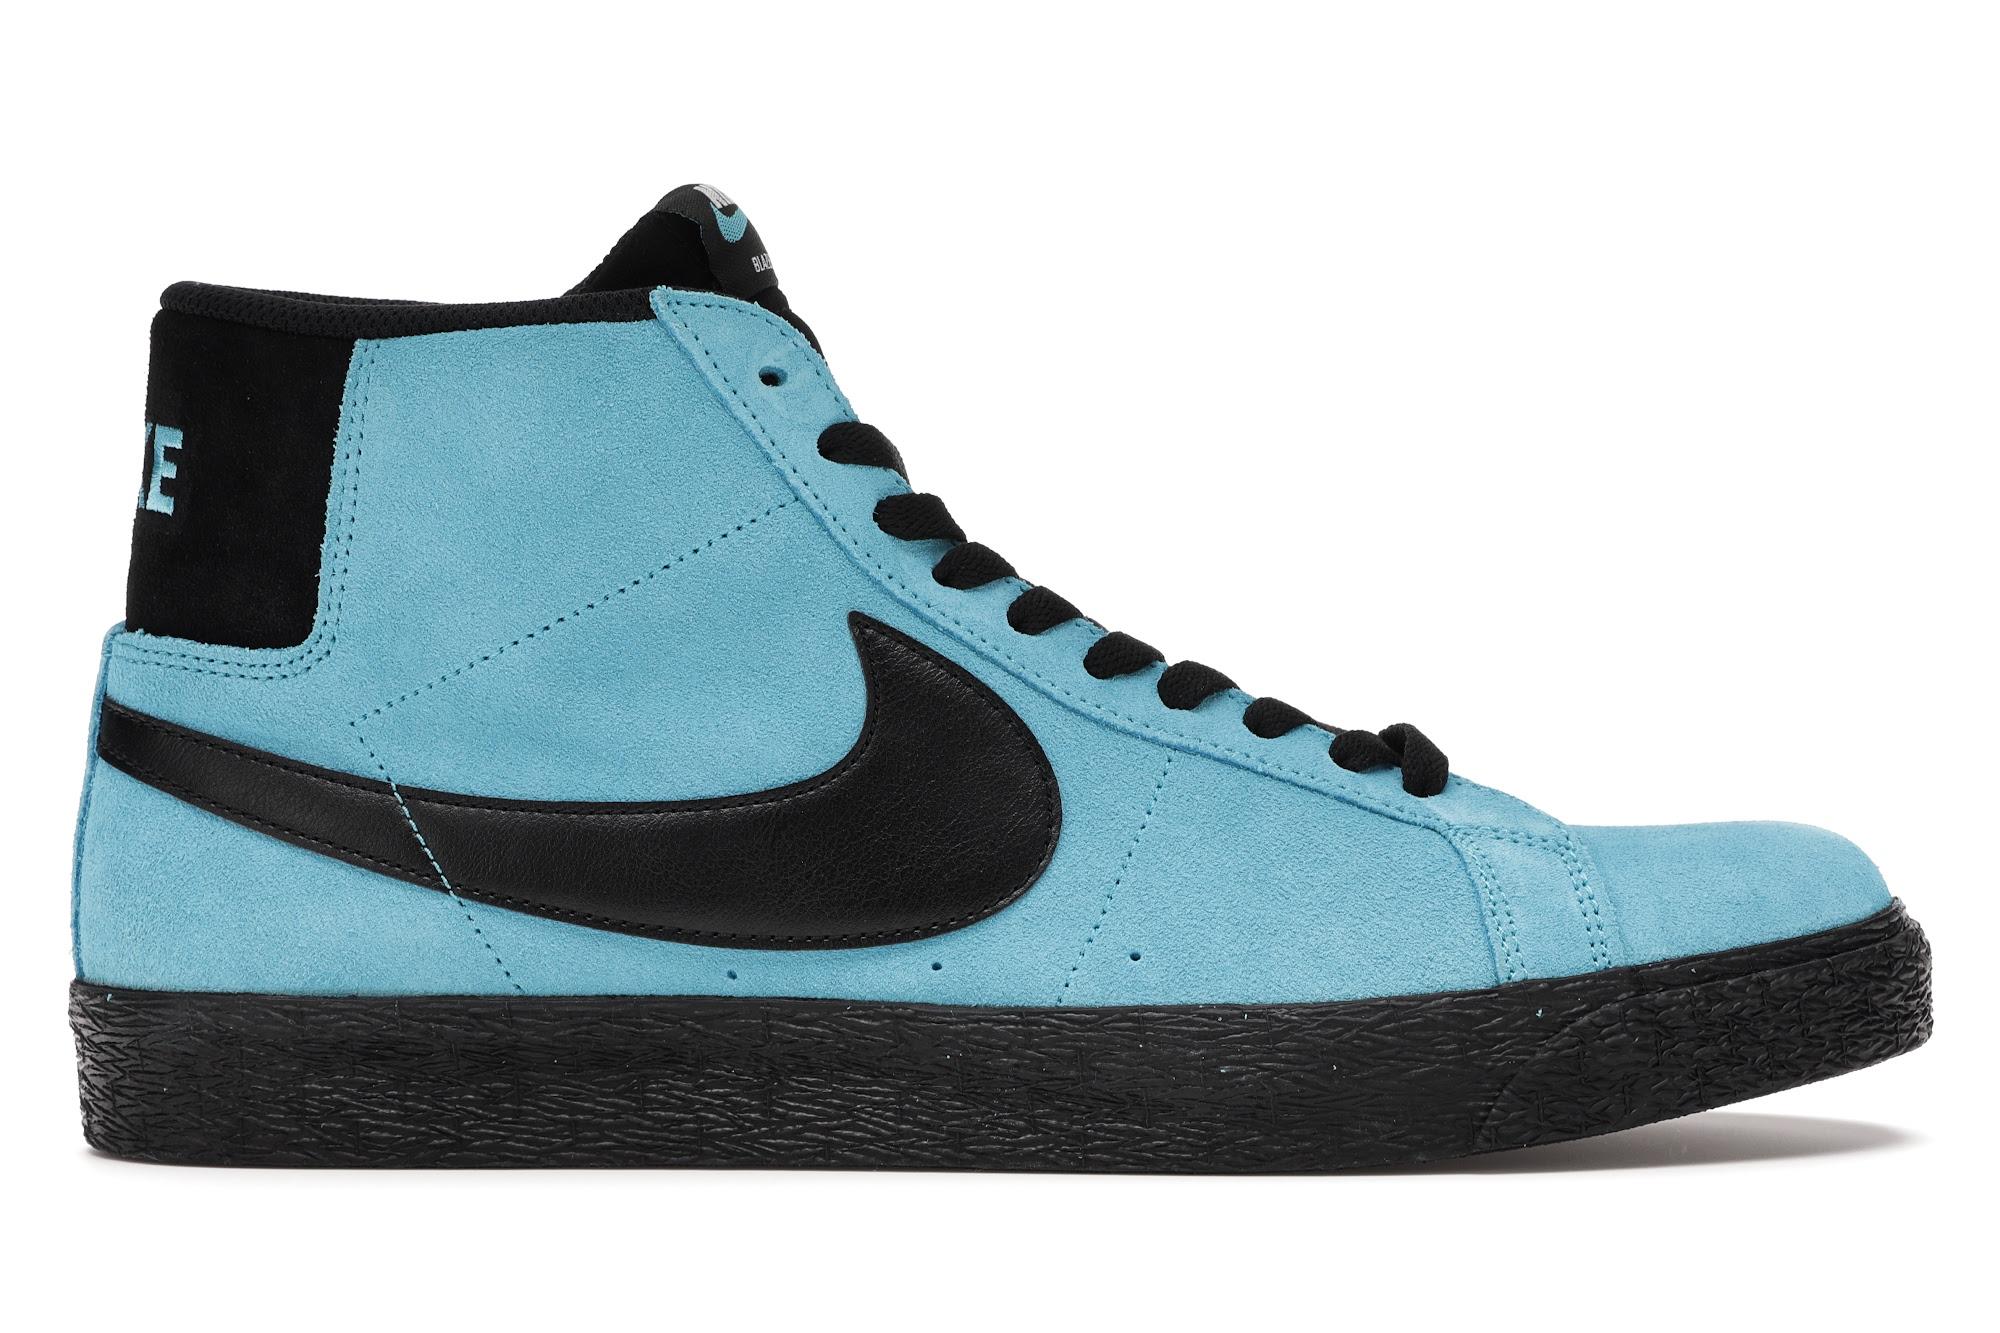 Nike SB Zoom Blazer Mid Baltic Blue - 864349-400